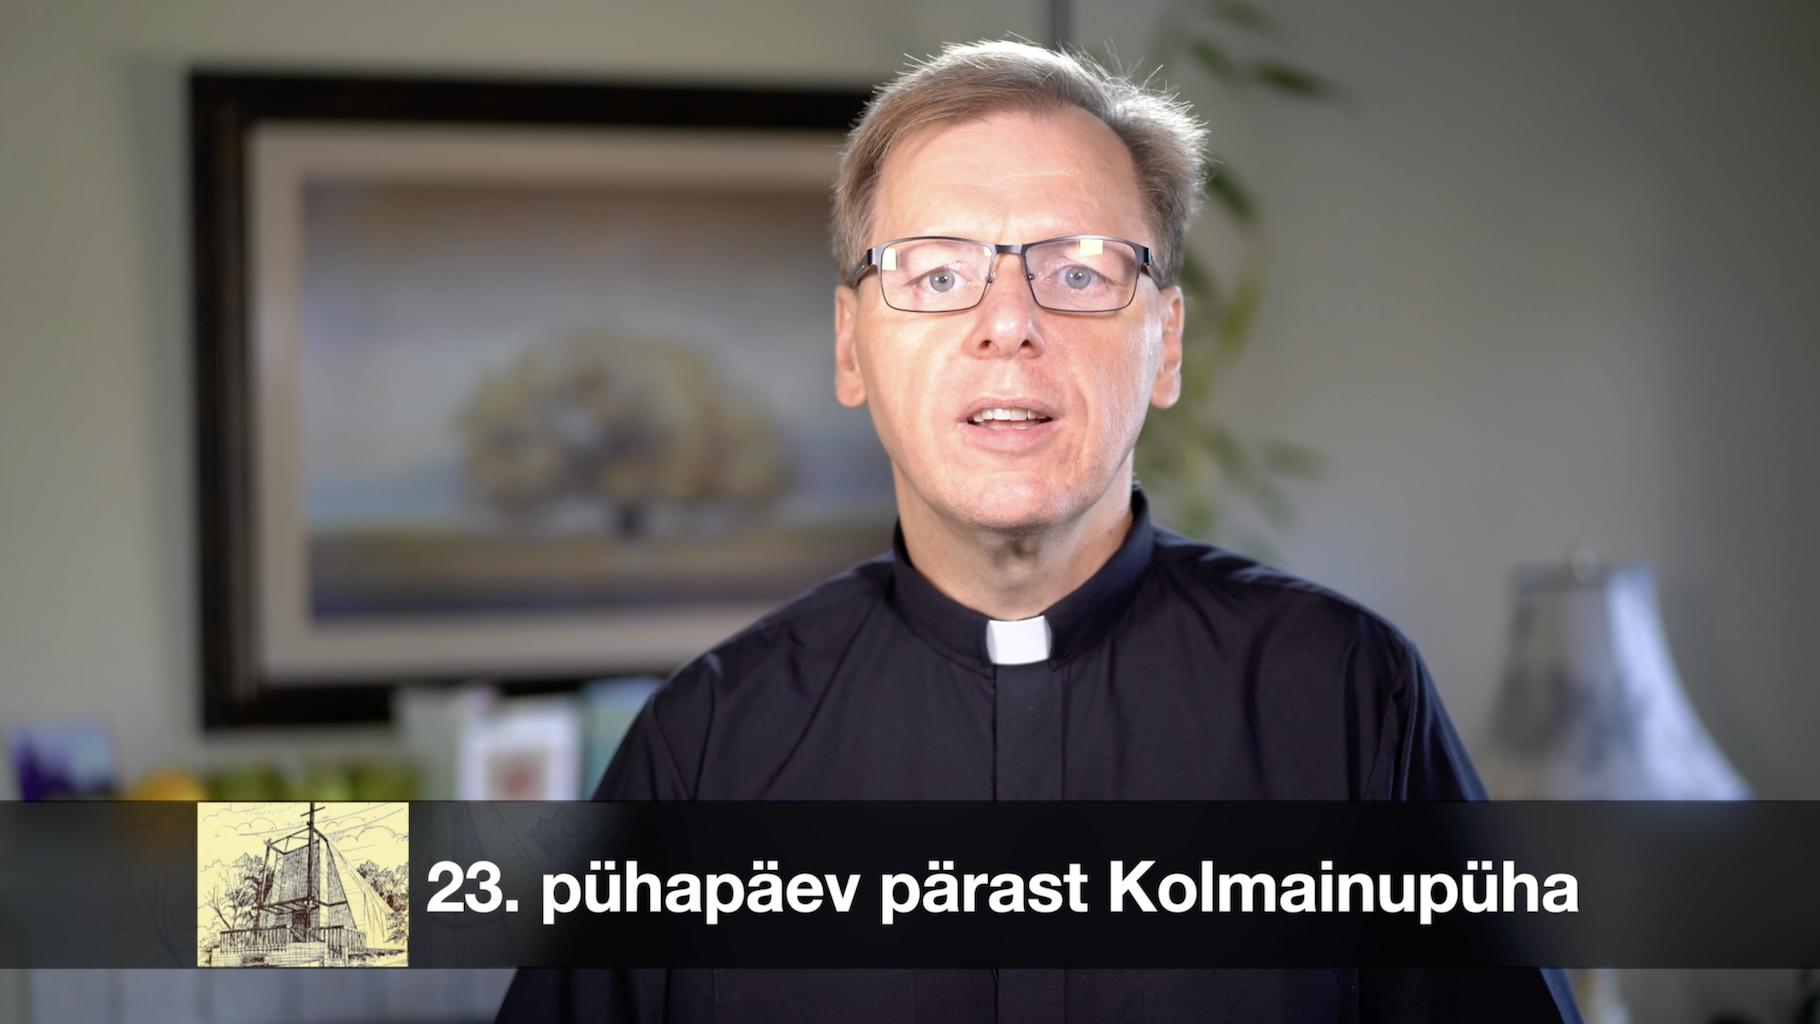 XXIII pühapäev pärast Kolmainupüha AD 2020